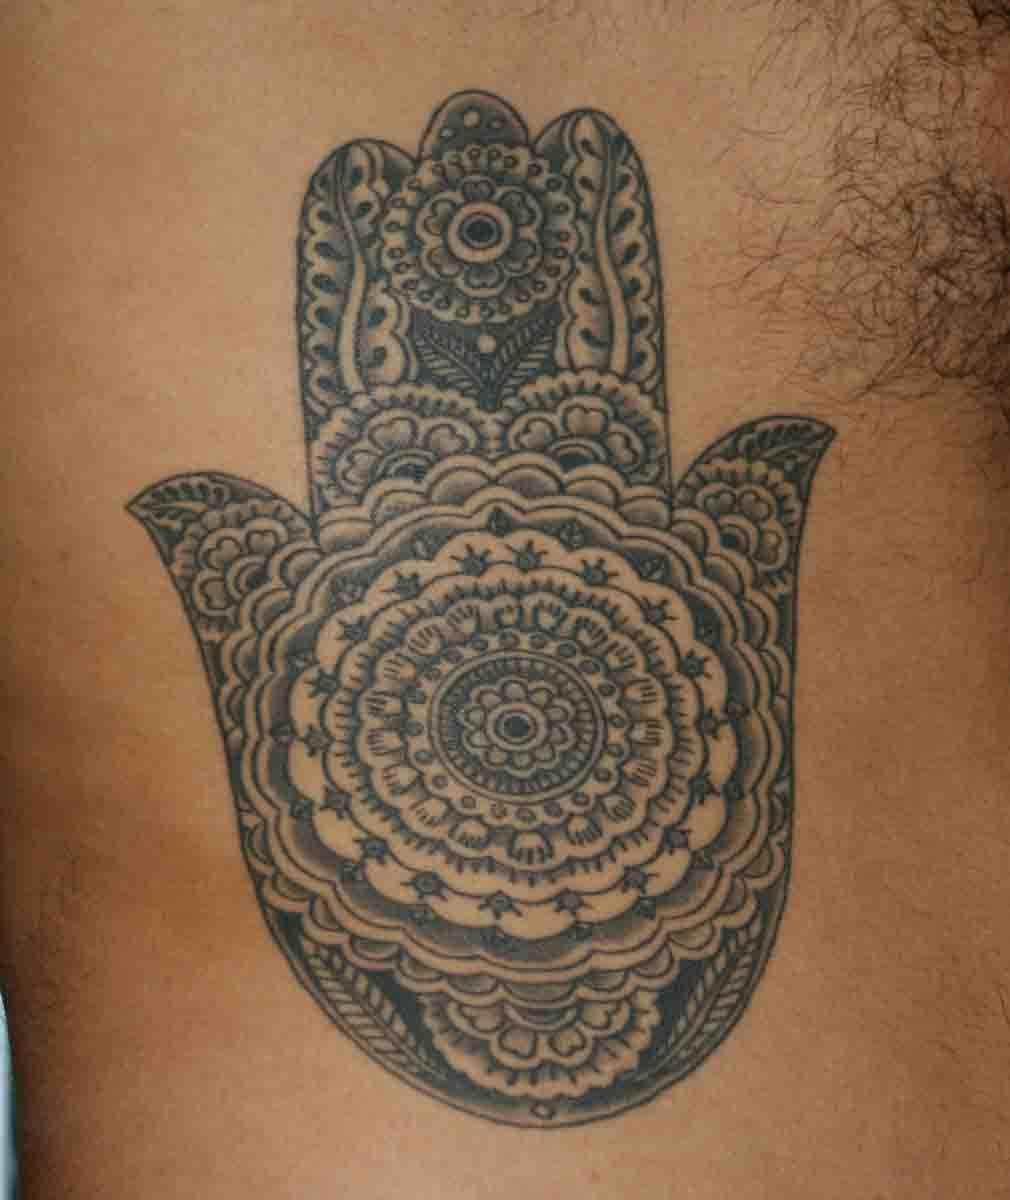 Tattooing Art By Yoni Zilber: Mandala Hand Tattoo